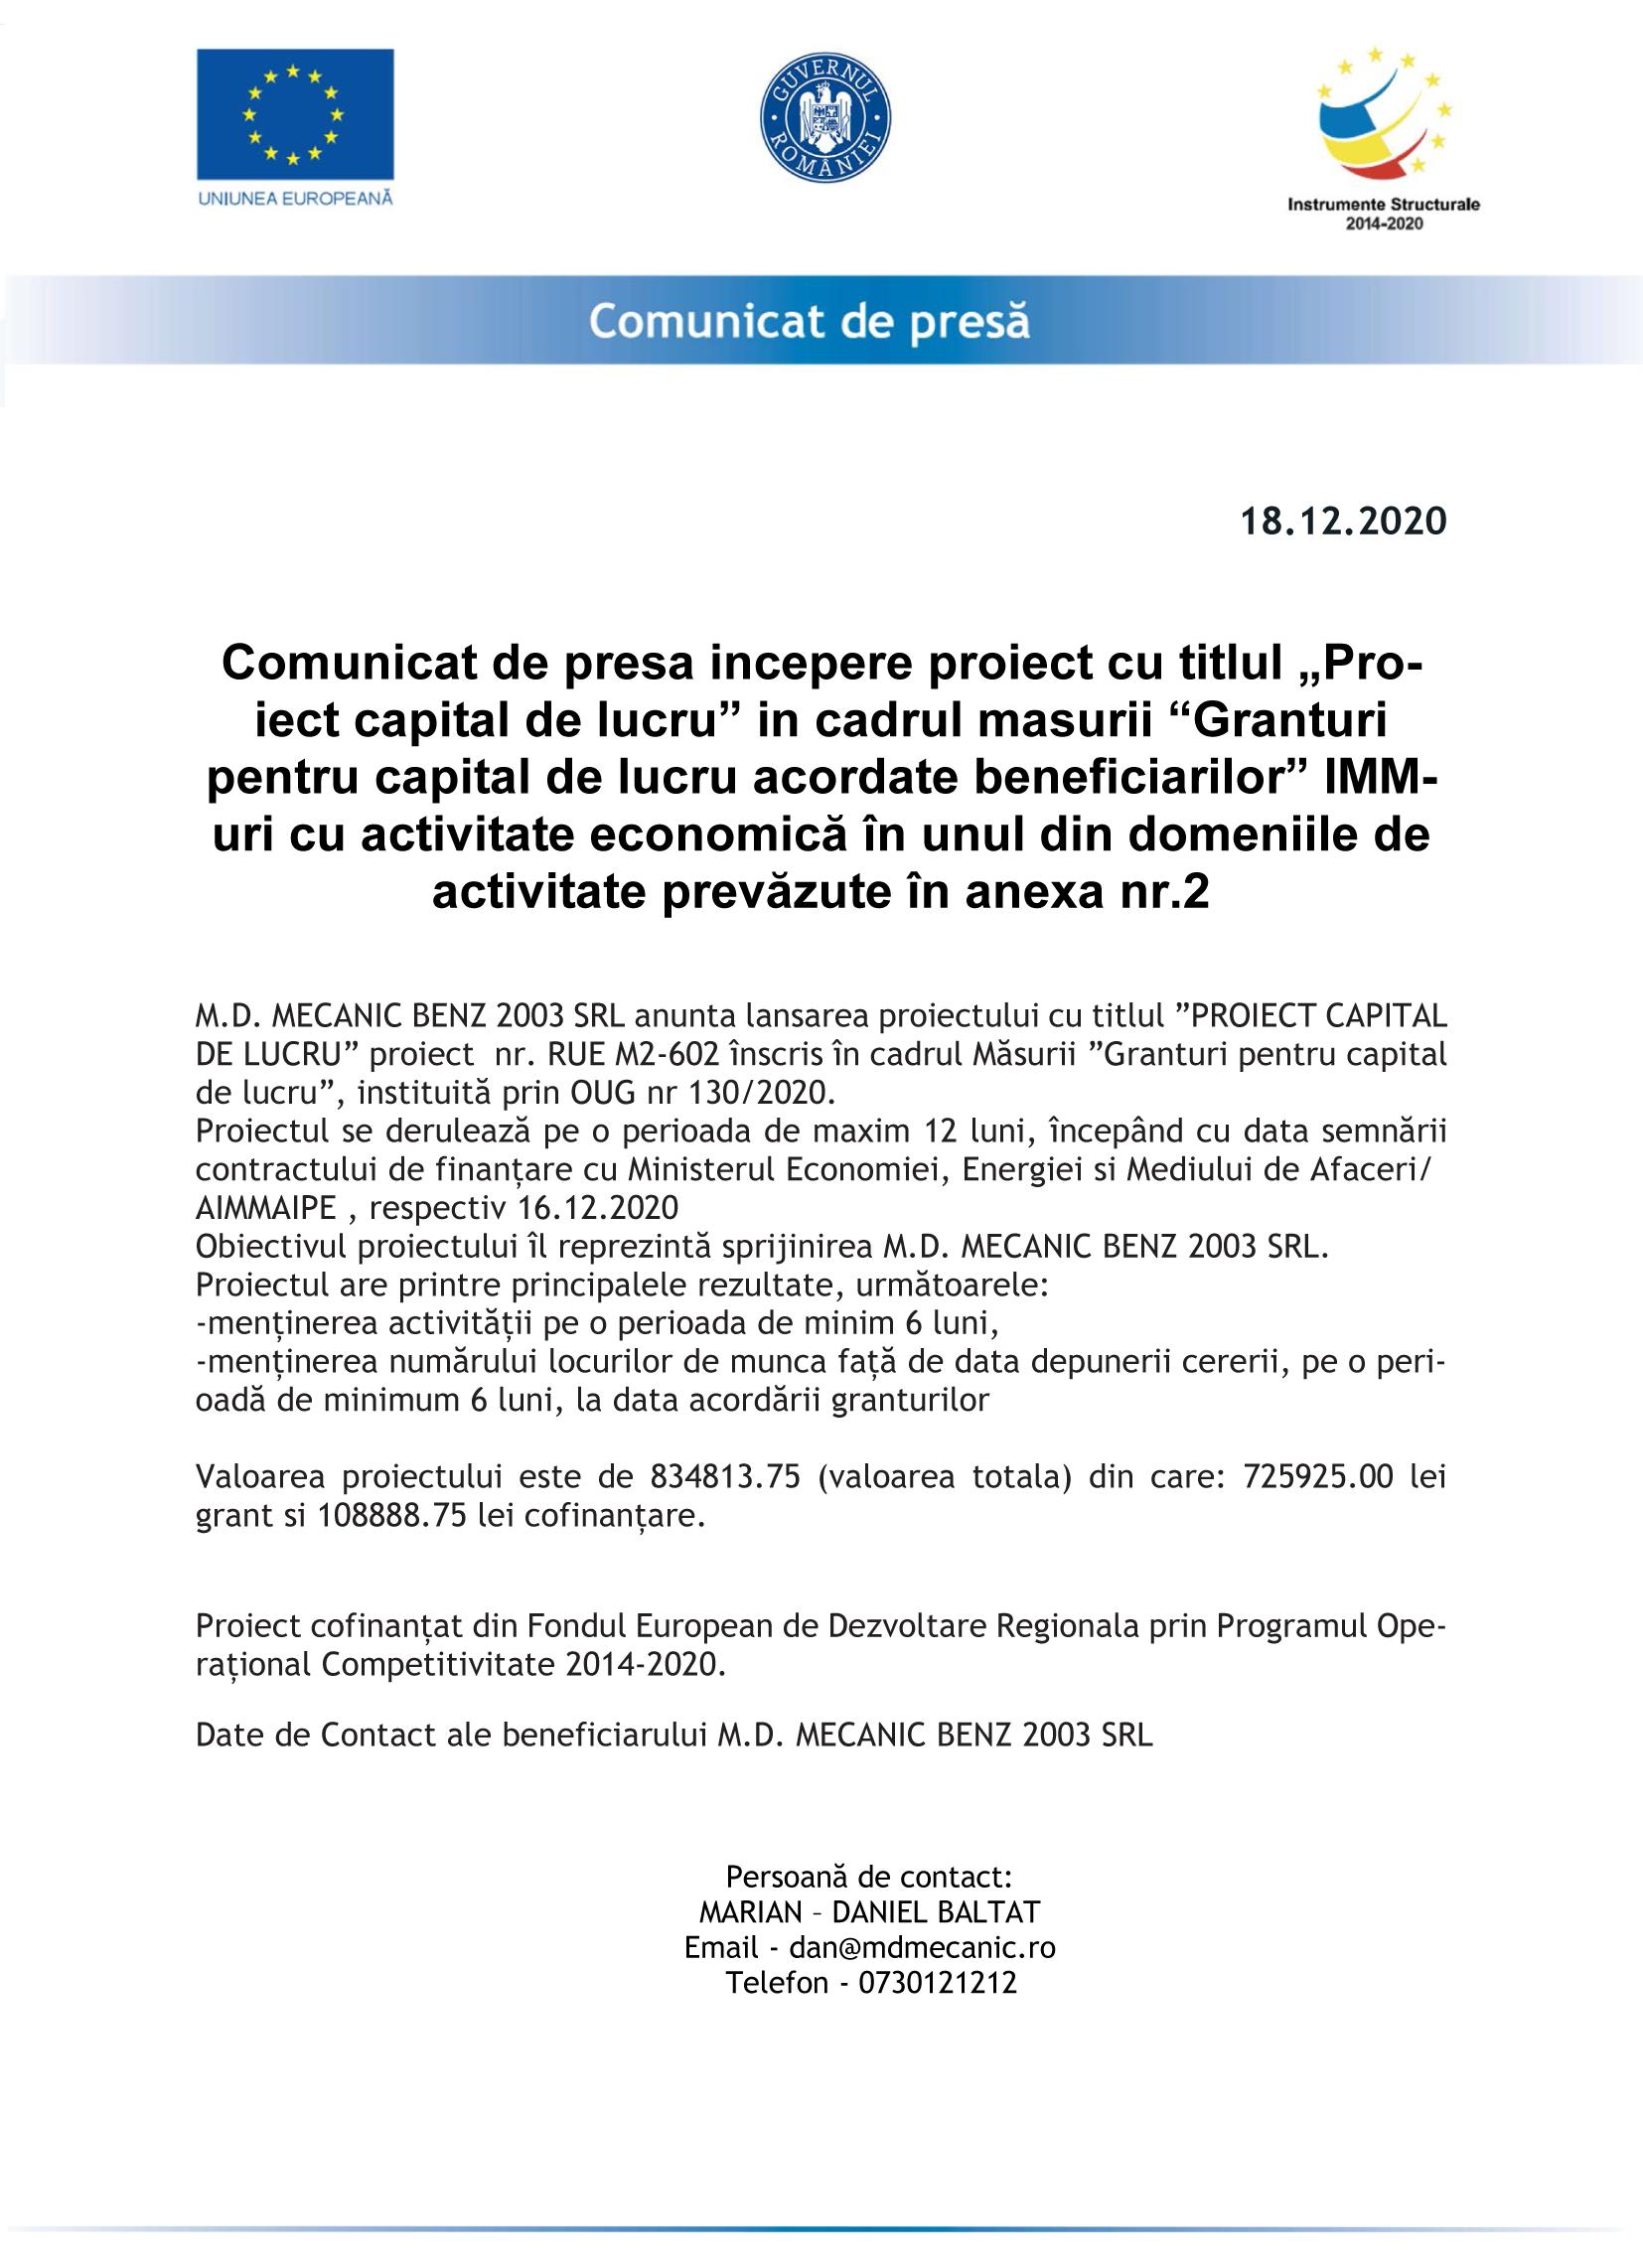 MODEL-Comunicat_de_Presa_benef-finali---INCEPERE_MD-Mecanic-Benz---2003-SRL